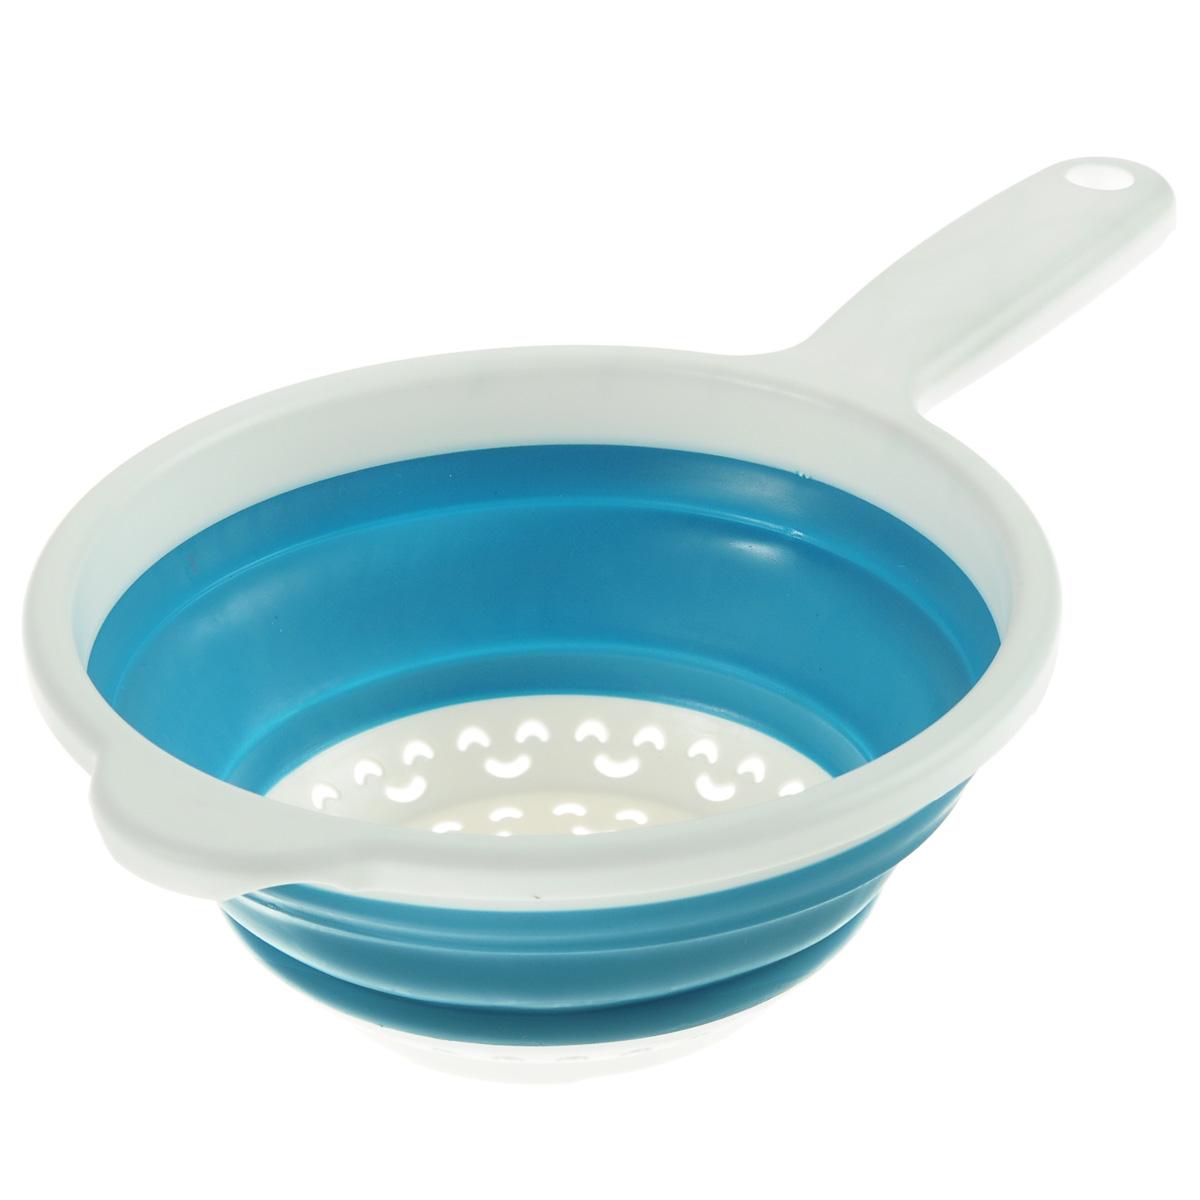 Дуршлаг складной Neo Way, цвет: белый, голубой, диаметр 20 см9046Складной дуршлаг Neo Way станет полезным приобретением для вашей кухни. Он изготовлен из высококачественного пищевого силикона и пластика. Дуршлаг оснащен удобной эргономичной ручкой со специальным отверстием для подвешивания. Изделие прекрасно подходит для процеживания, ополаскивания и стекания макарон, овощей, фруктов. Дуршлаг компактно складывается, что делает его удобным для хранения.Можно мыть в посудомоечной машине.Диаметр (по верхнему краю): 20 см.Максимальная высота: 8,5 см.Минимальная высота: 3 см.